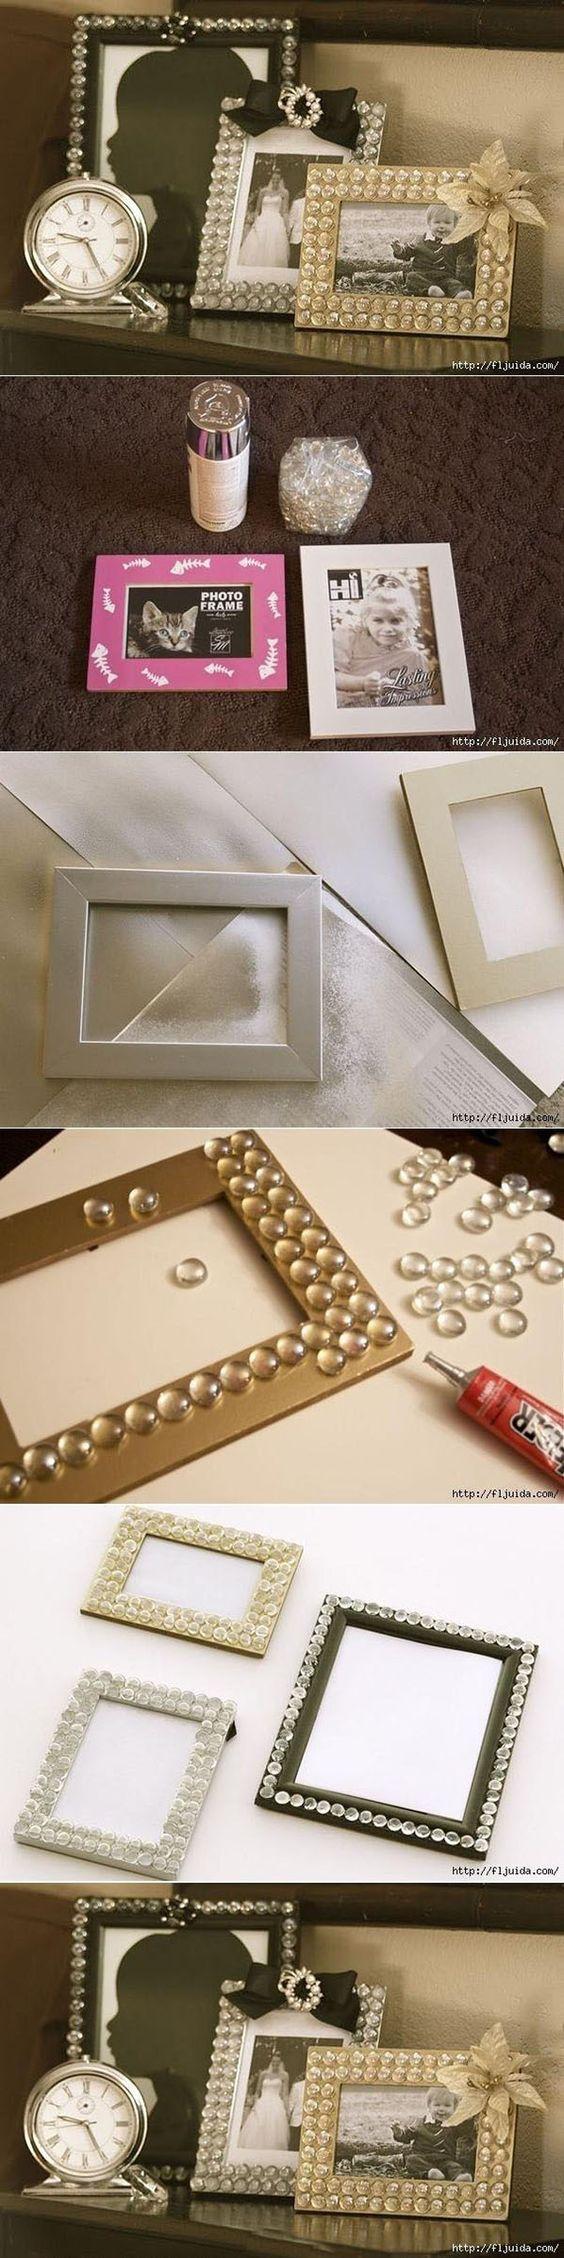 Great Idea For Photos | DIY & Crafts Tutorials